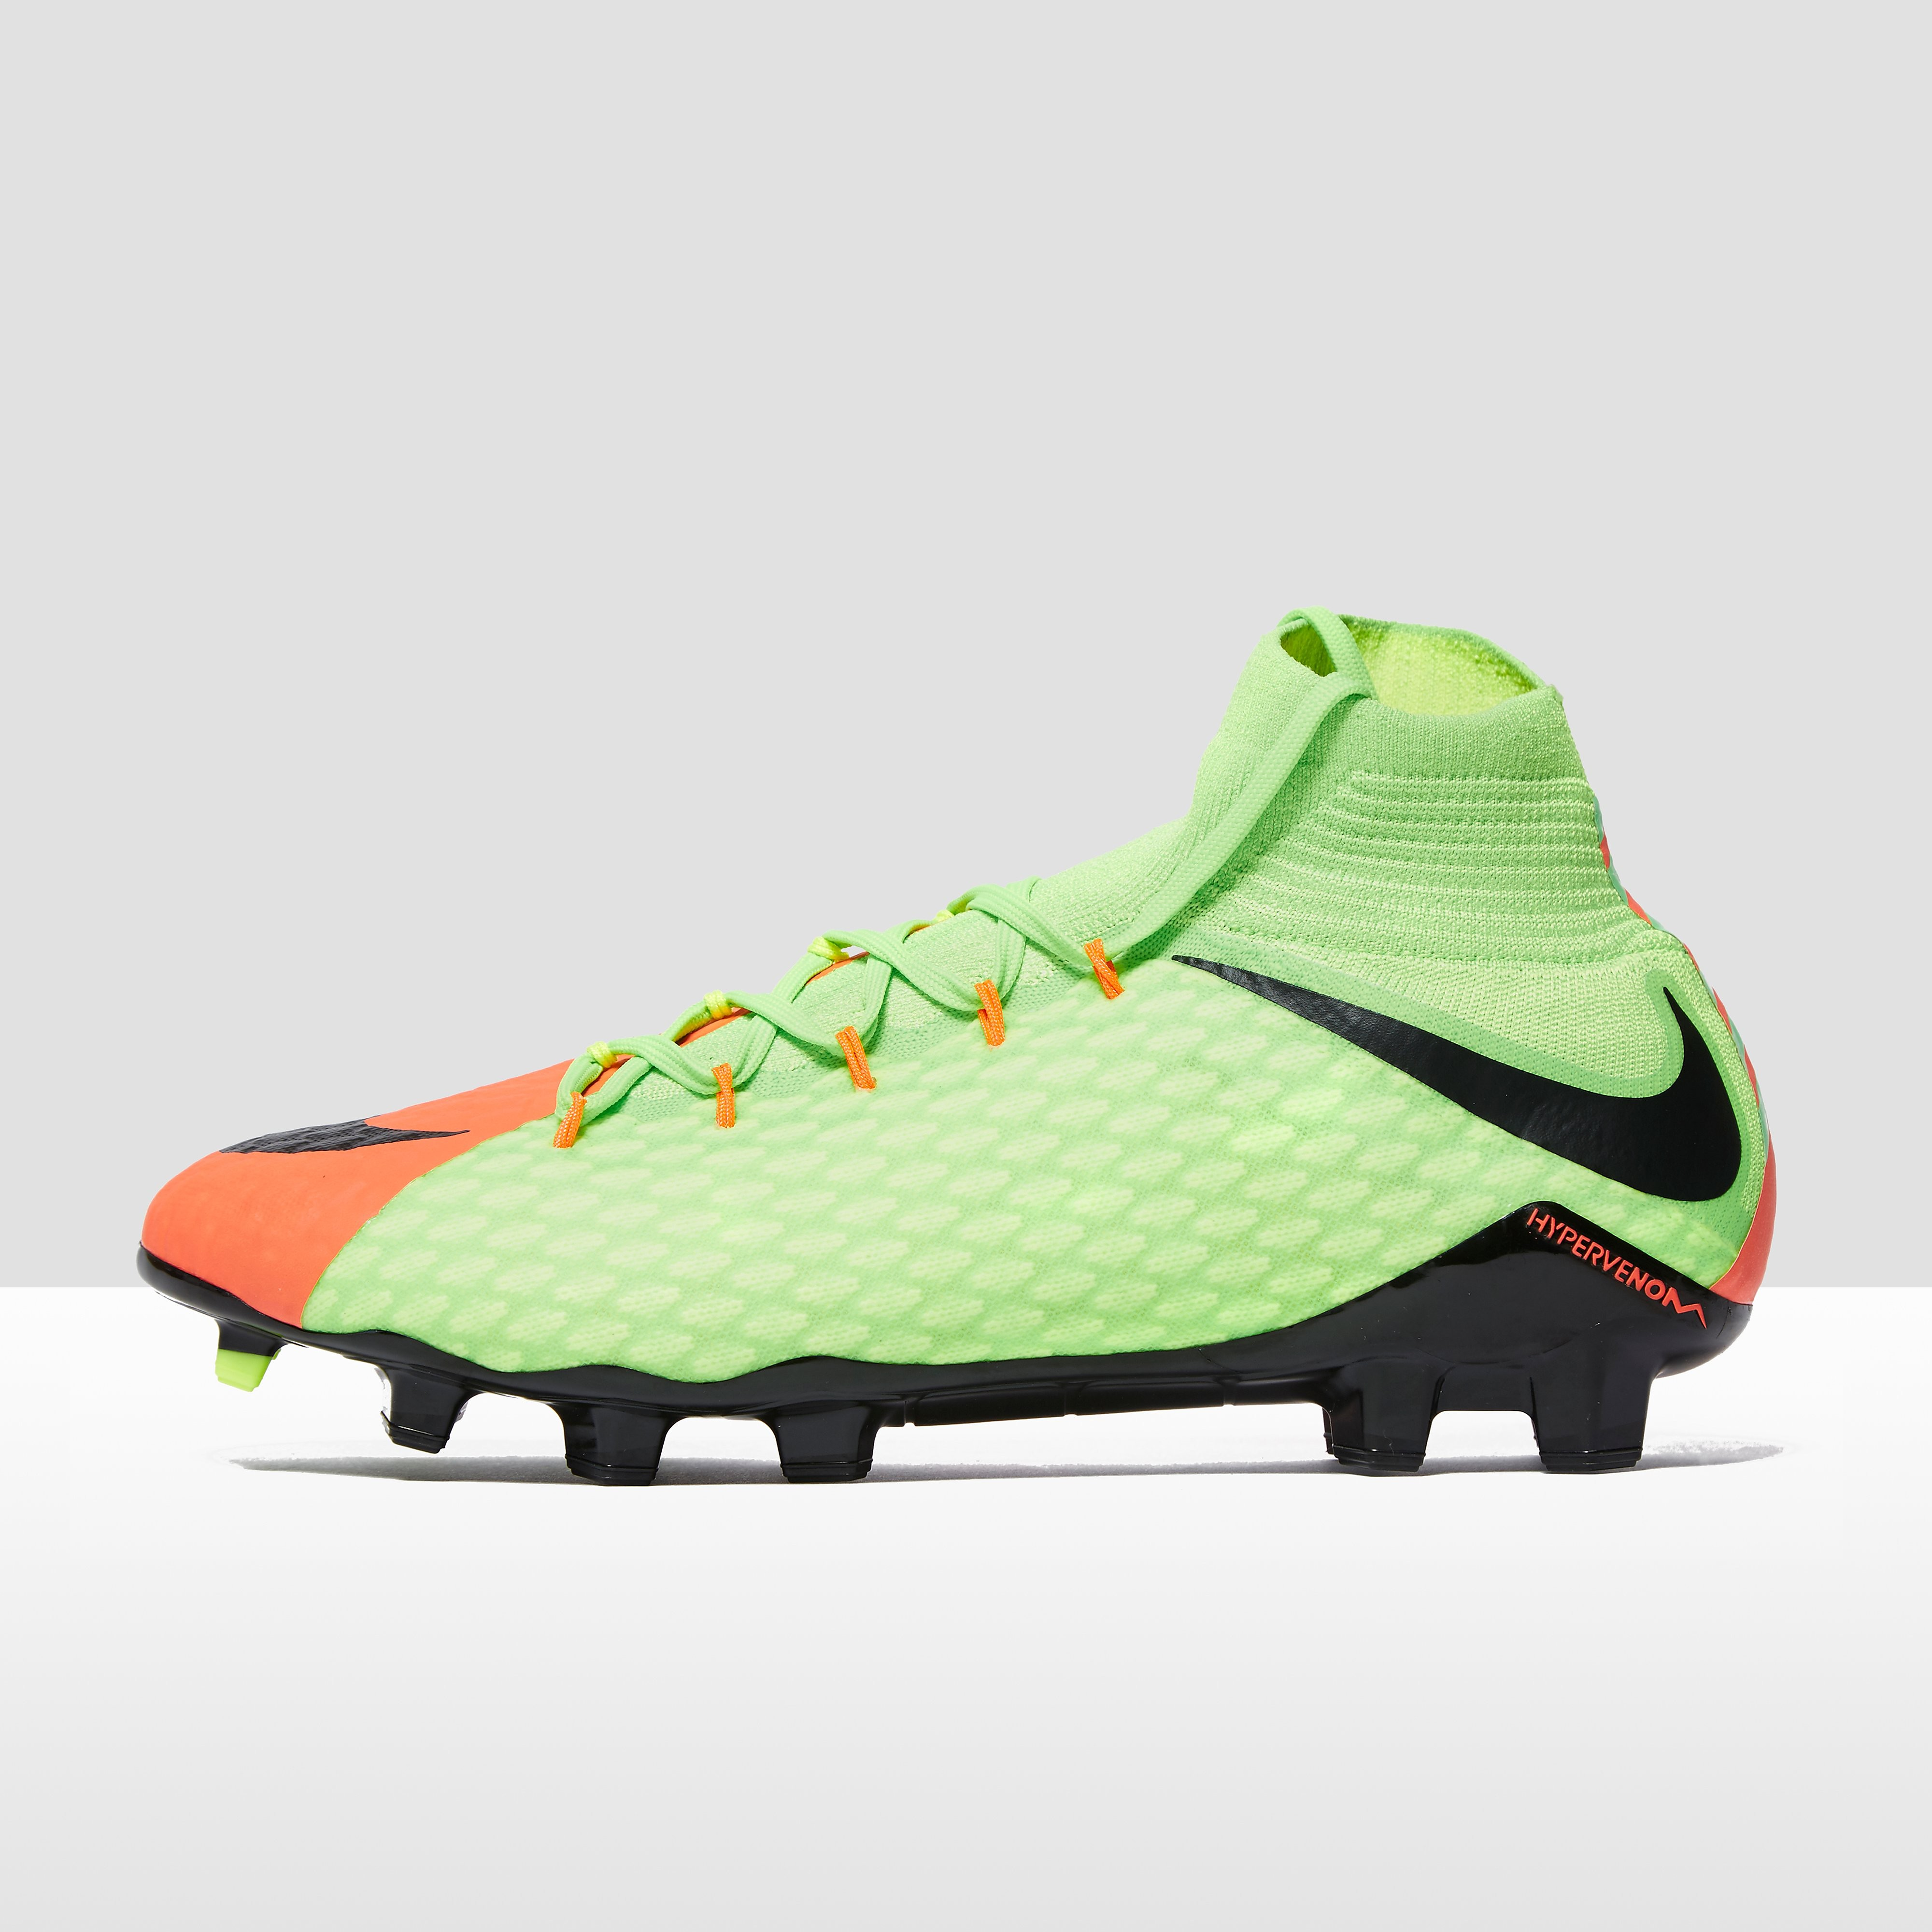 Nike Radiant Flare Hypervenom Phatal Men's FG Football Boots